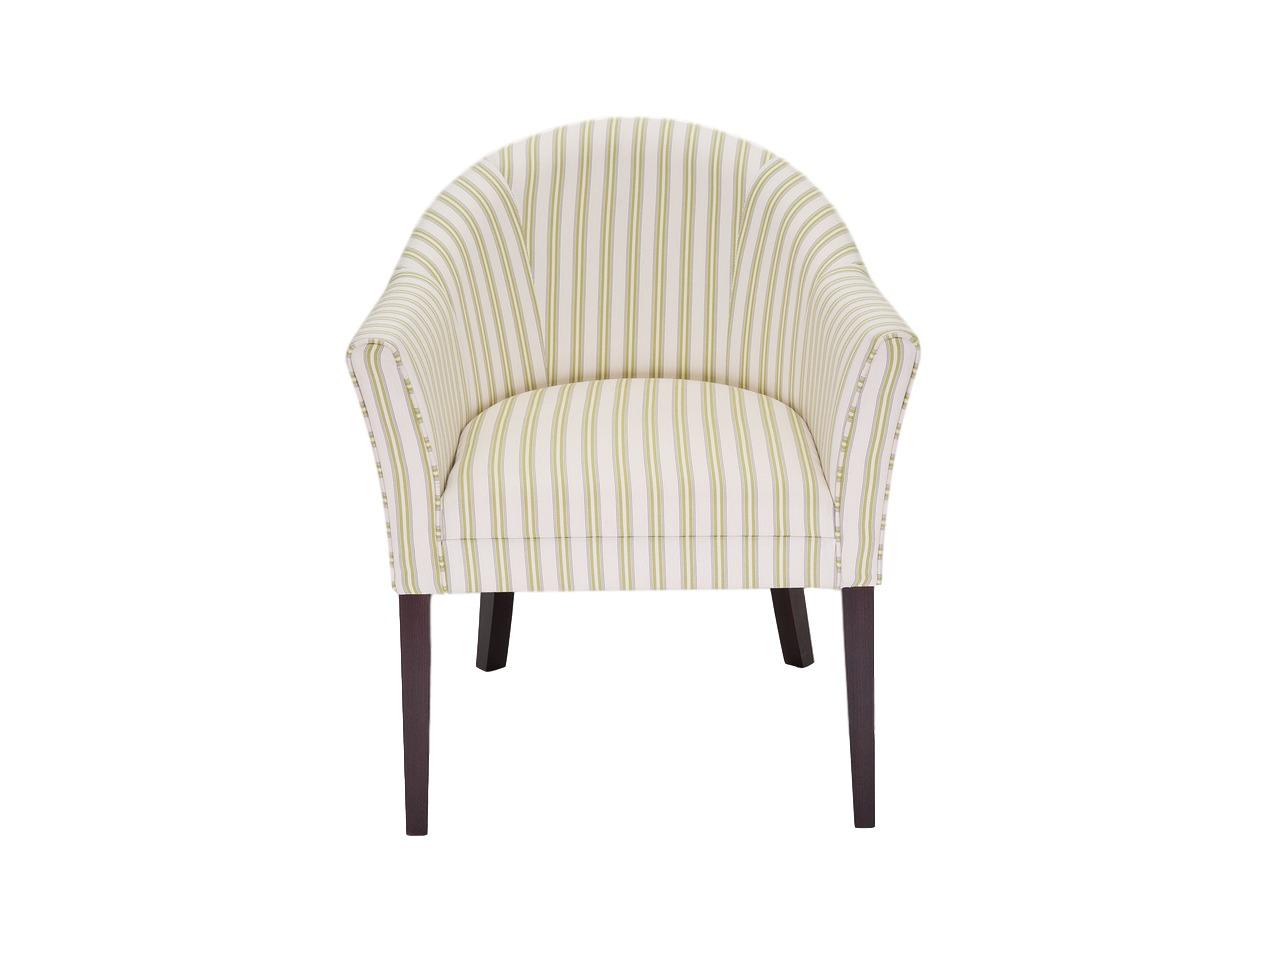 КреслоПолукресла<br>На этом диване как будто бы только вот-вот сидела Мадам Грицацуева из &amp;quot;12 стульев&amp;quot; Ильфа и Петрова. А вот и нет - на этом диване не сидели даже мы - бережем для вас! Диван в стиле 20-ых был спасен из мебельной мастерской, откуда его просто не забрали заказчики, ну и кресло мы сделали ему в пару. Чтобы было нескучно!<br><br>Material: Текстиль<br>Ширина см: 62<br>Высота см: 78<br>Глубина см: 67